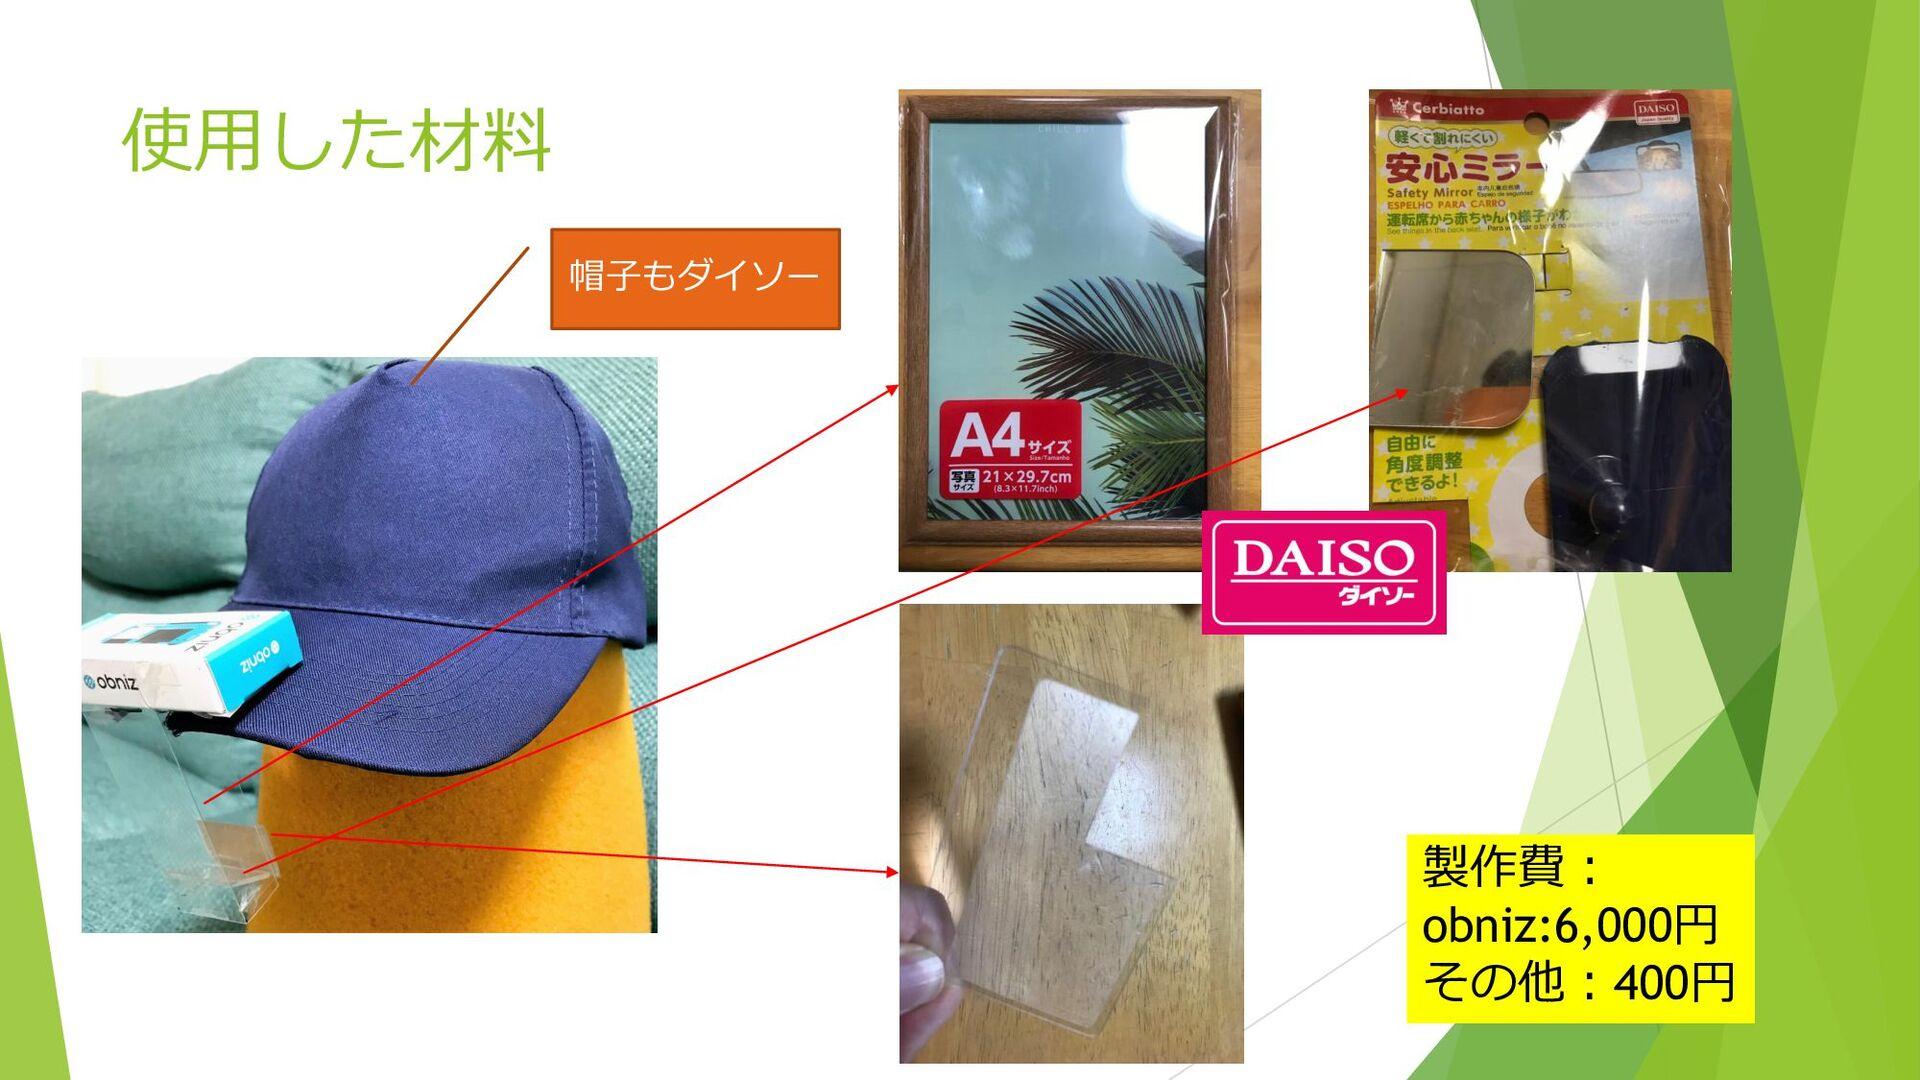 使用した材料 帽子もダイソー 製作費: obniz:6,000円 その他:400円